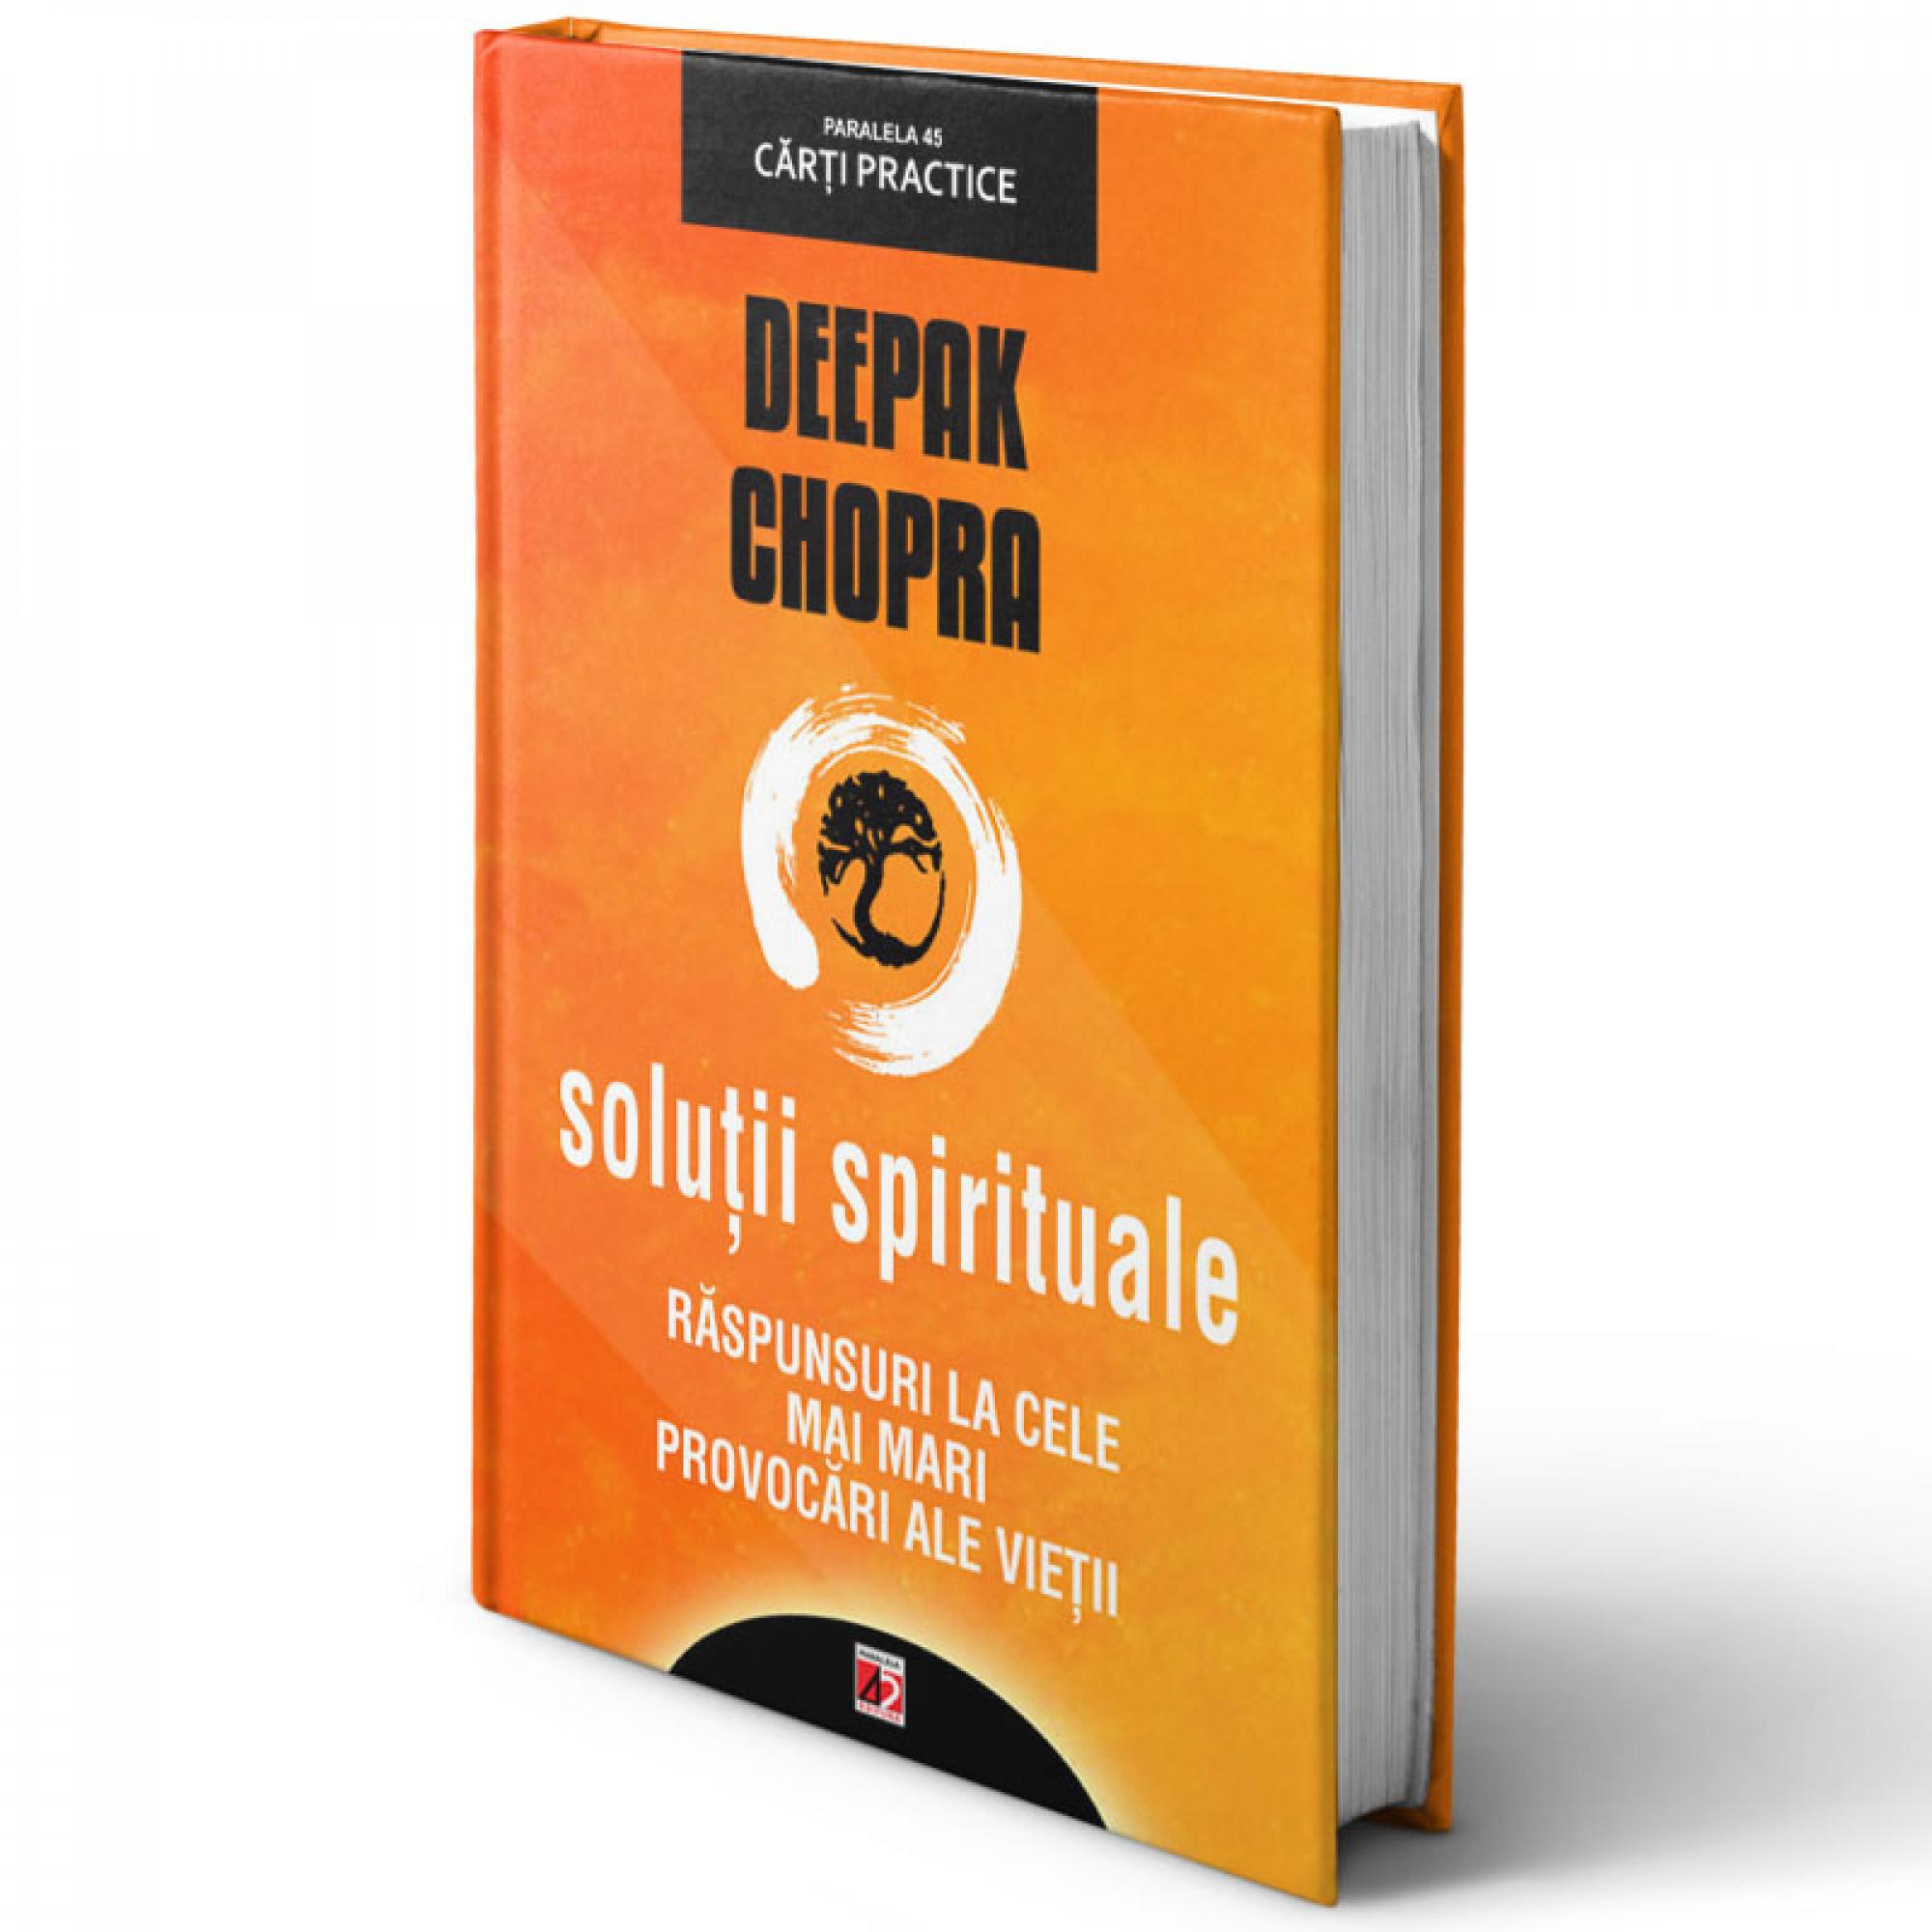 Soluții spirituale. Răspunsuri la cele mai mari provocări ale vieții; Deepak Chopra